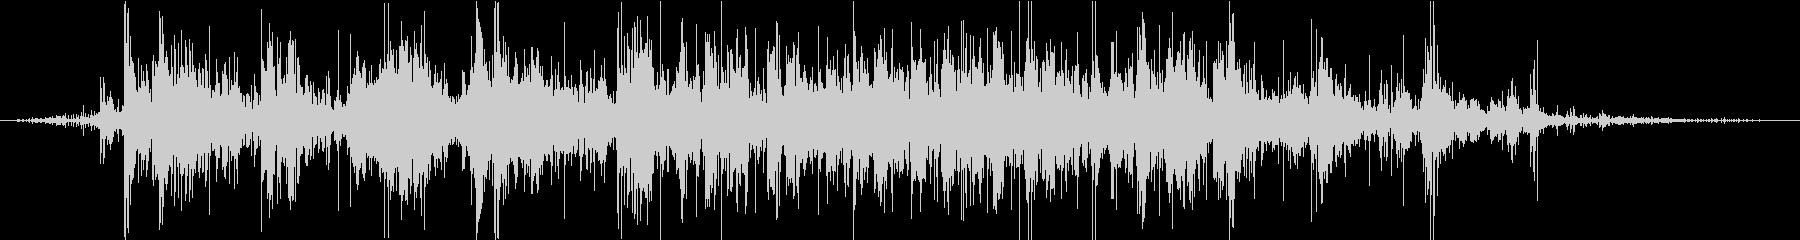 アイスゴーレム 中圧02の未再生の波形